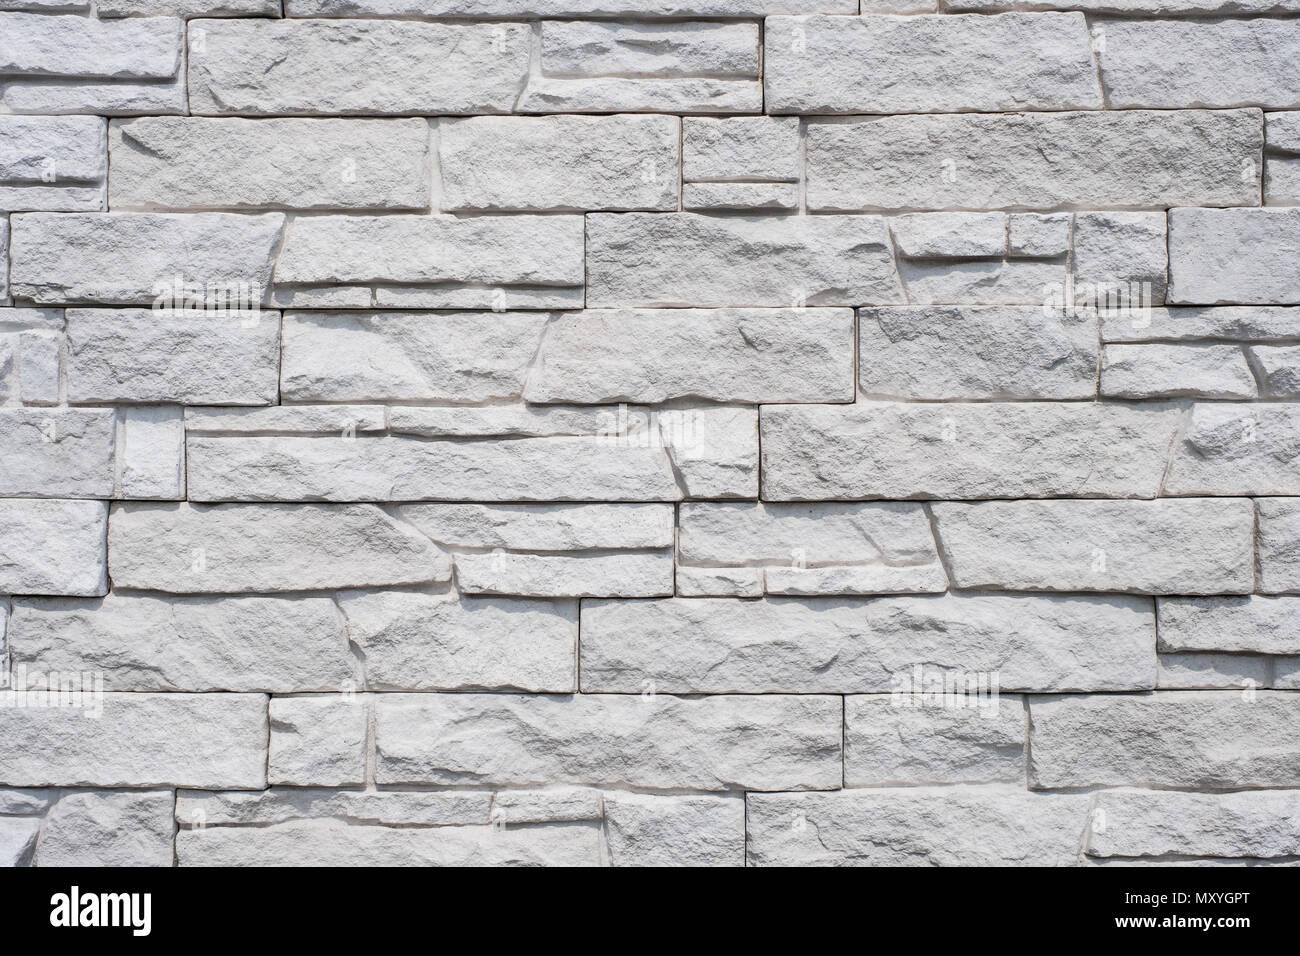 Natursteinwand Innen fliesen- naturstein wand hintergrund - granit stein textur